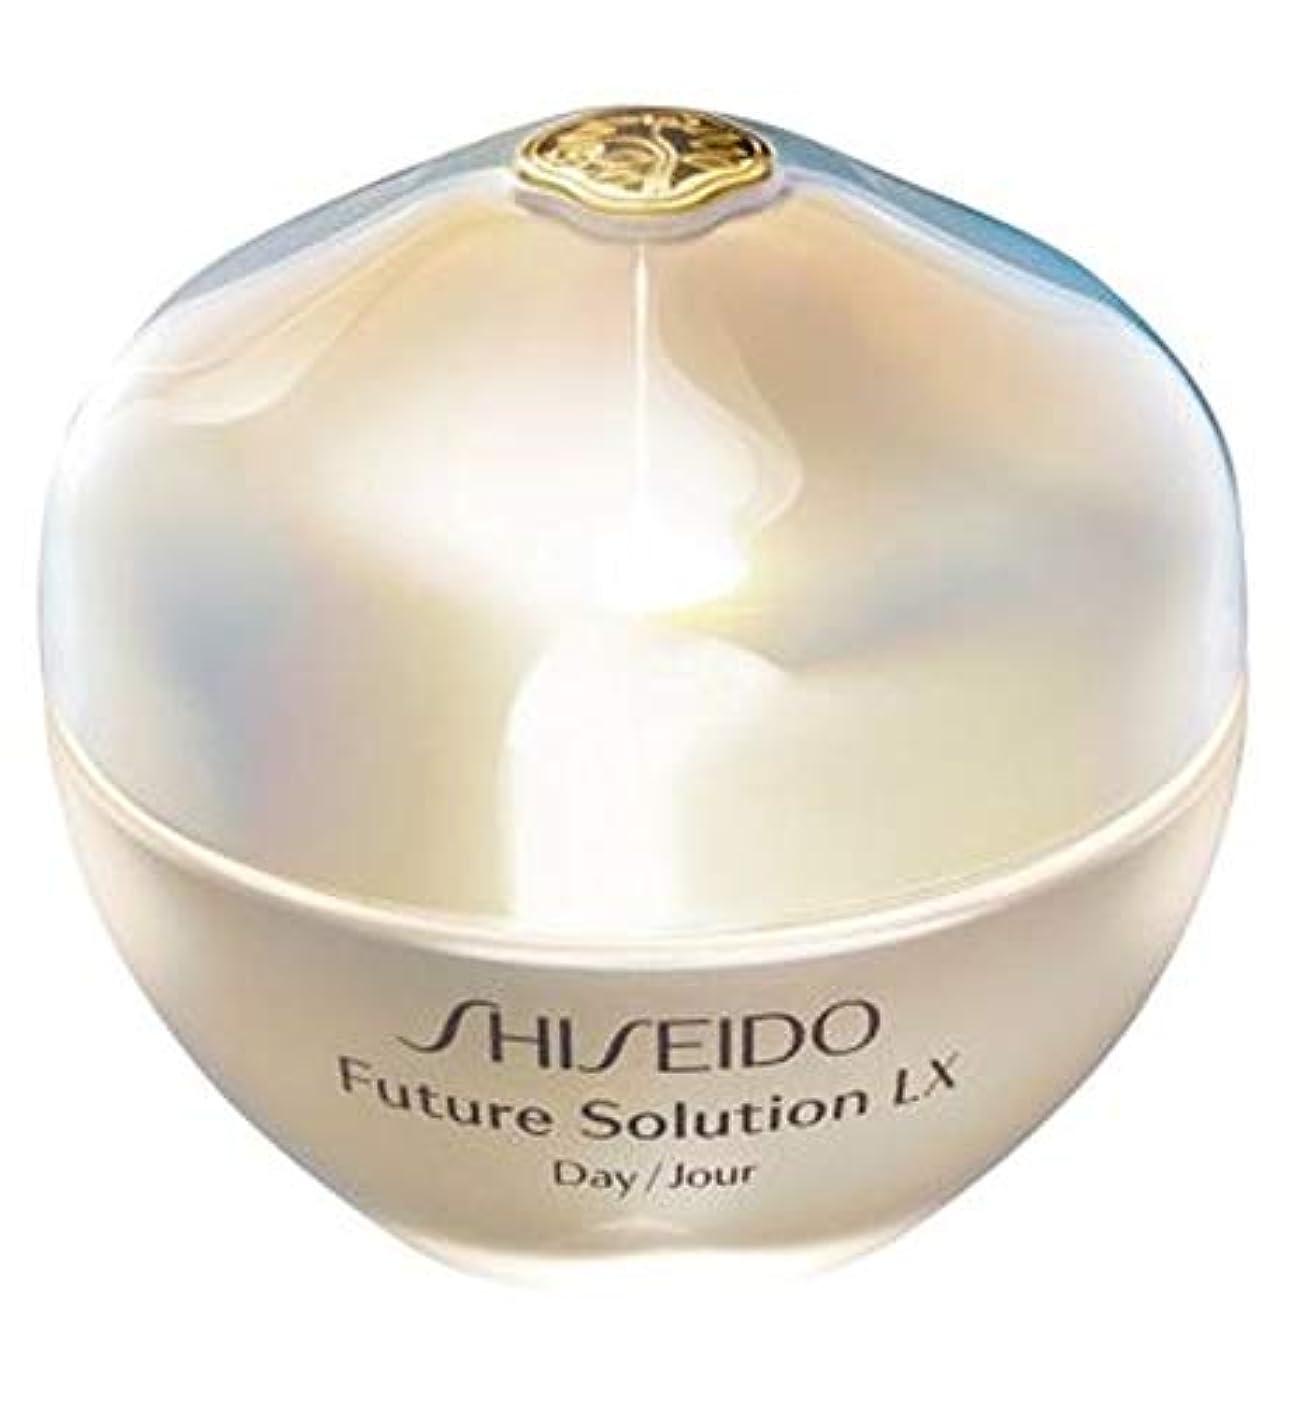 思いやり遅れ鷲[Shiseido] 資生堂フューチャーソリューションLxトータルに保護クリームSpf 18 - Shiseido Future Solution Lx Total Protective Cream Spf 18 [並行輸入品]